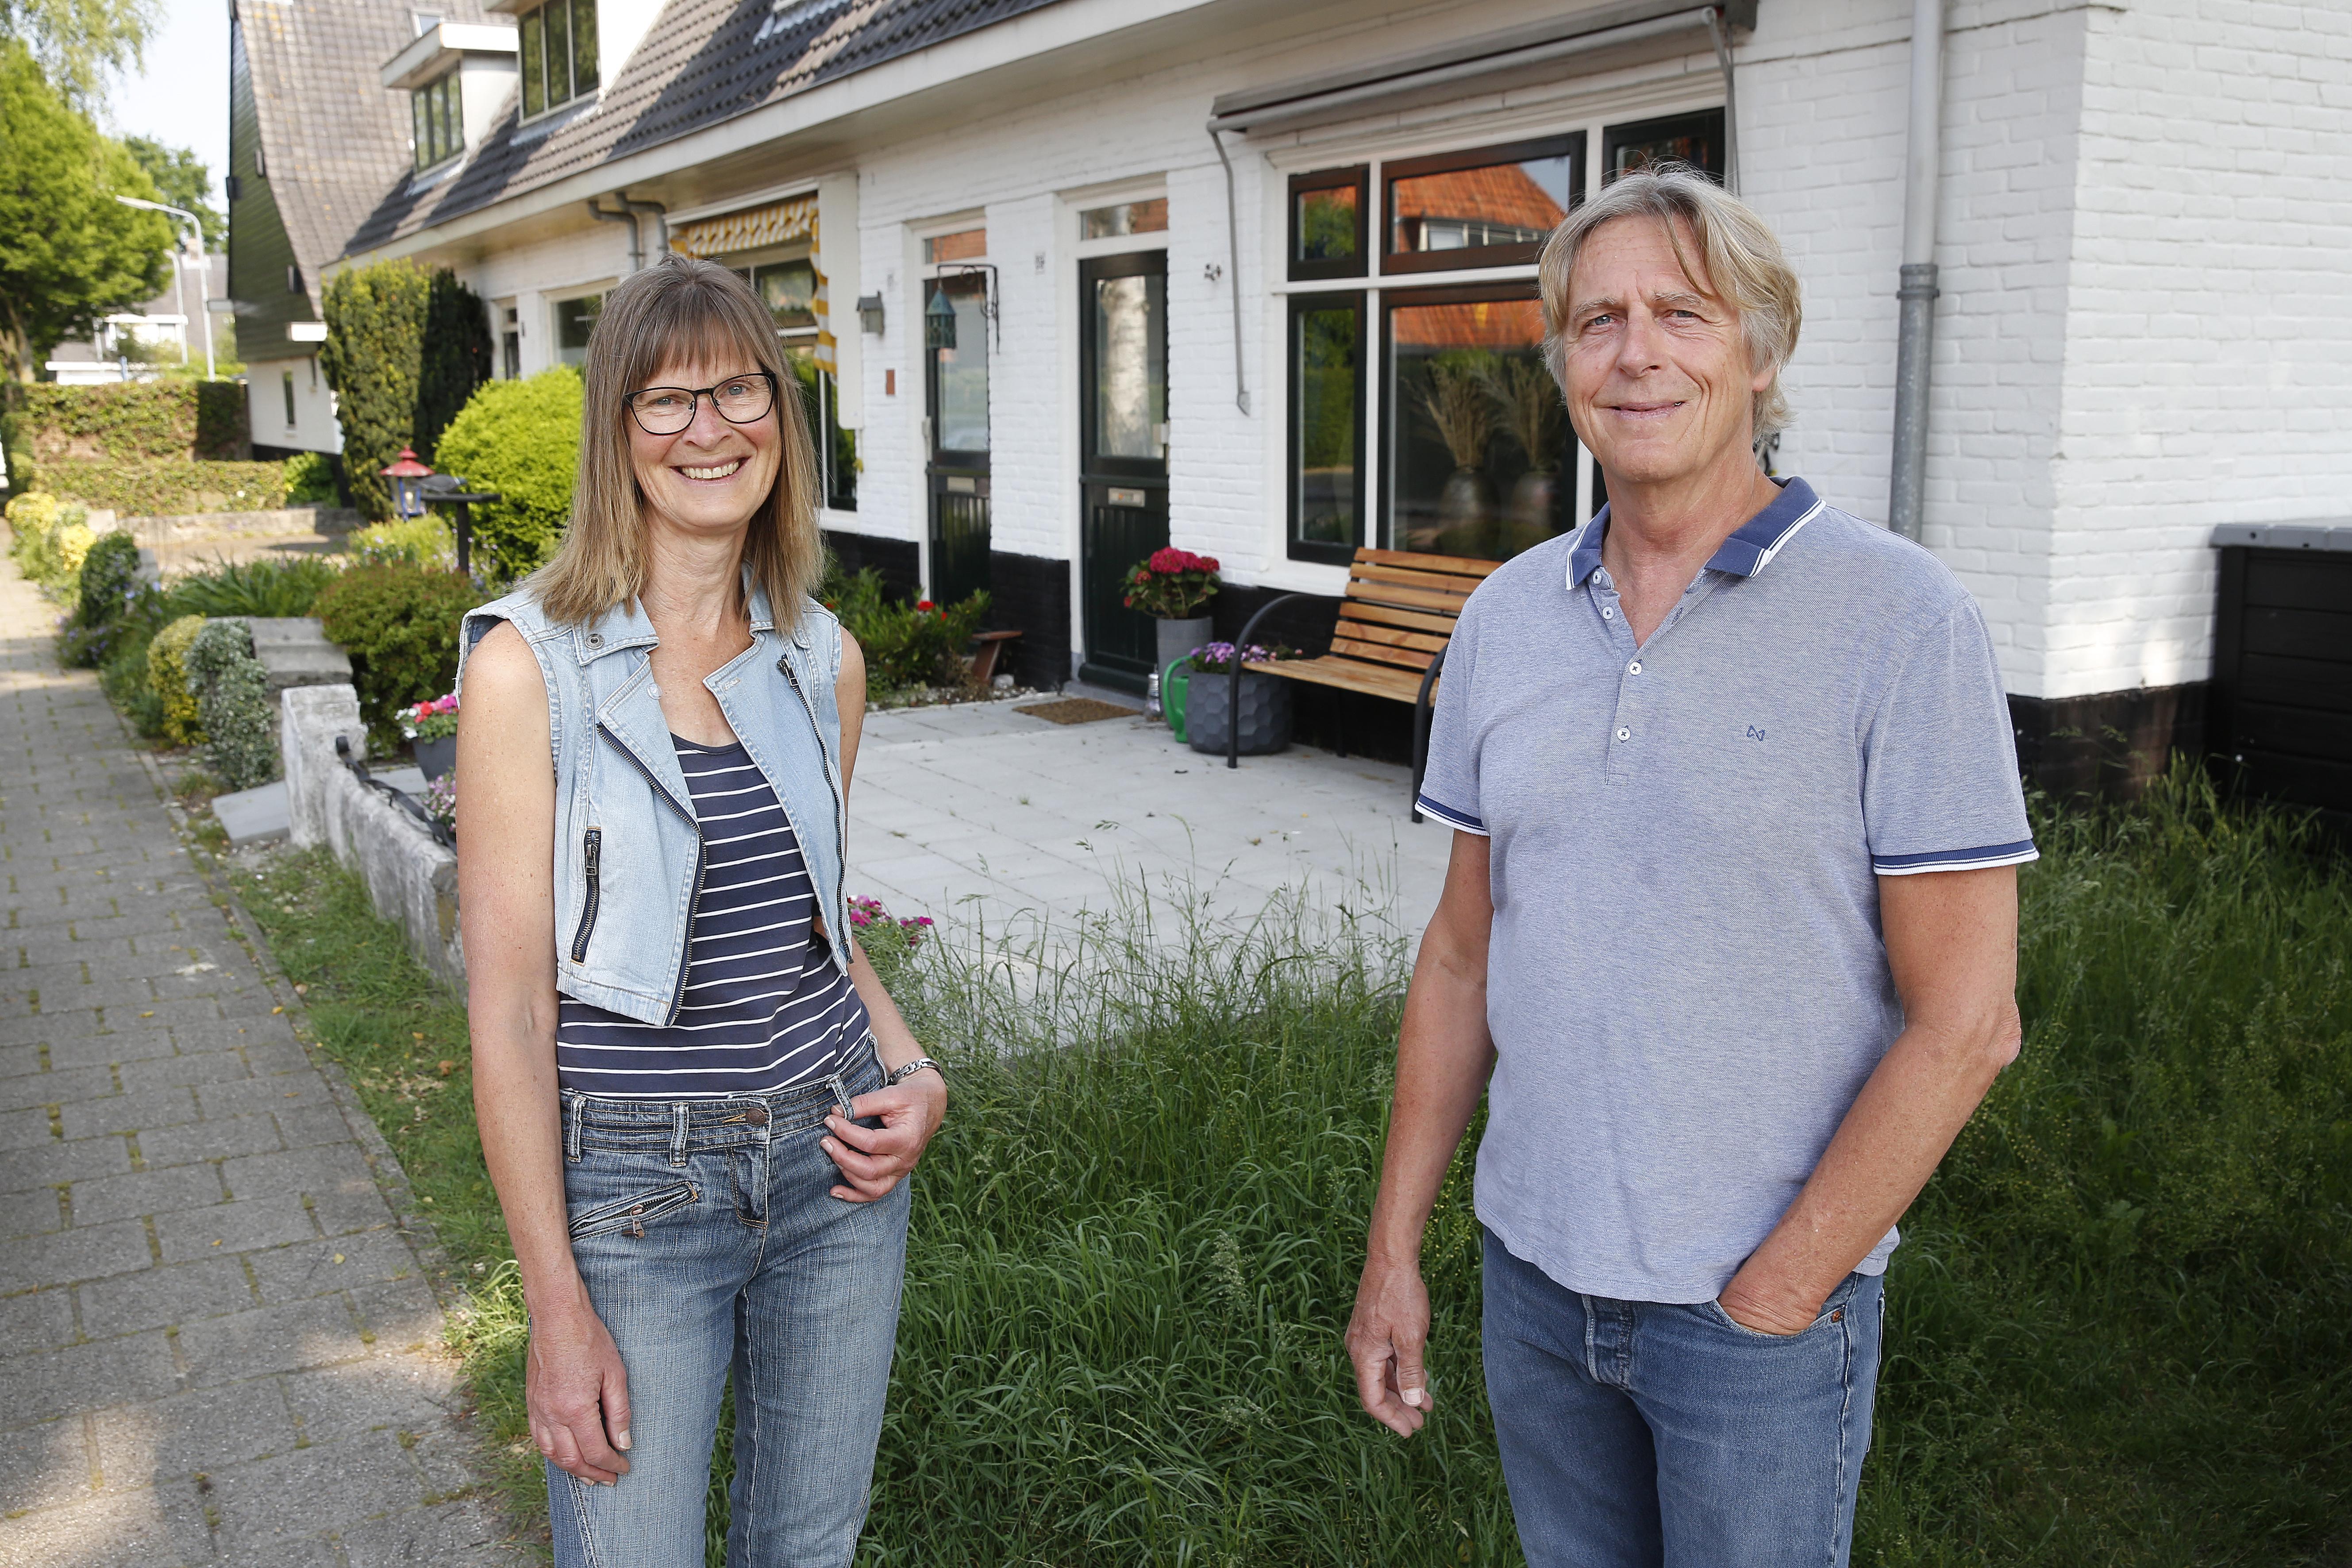 Groen Laren wil de wereld verbeteren, op lokaal niveau: 'Villa's kunnen we opsplitsen in kleinere appartementen voor senioren'